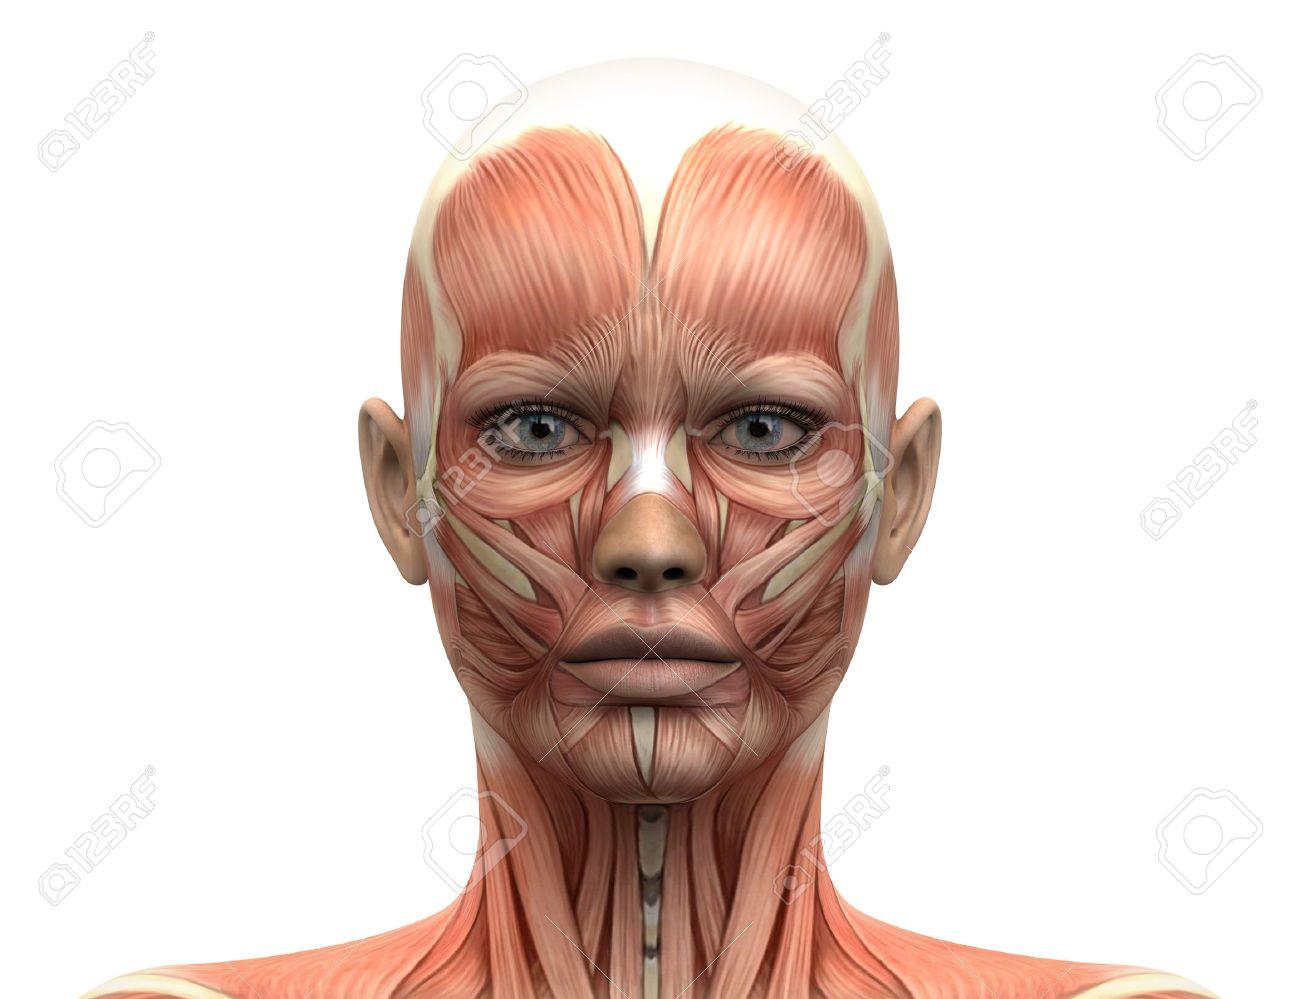 Músculos Femeninas Cabeza Anatomía - Vista Frontal Fotos, Retratos ...